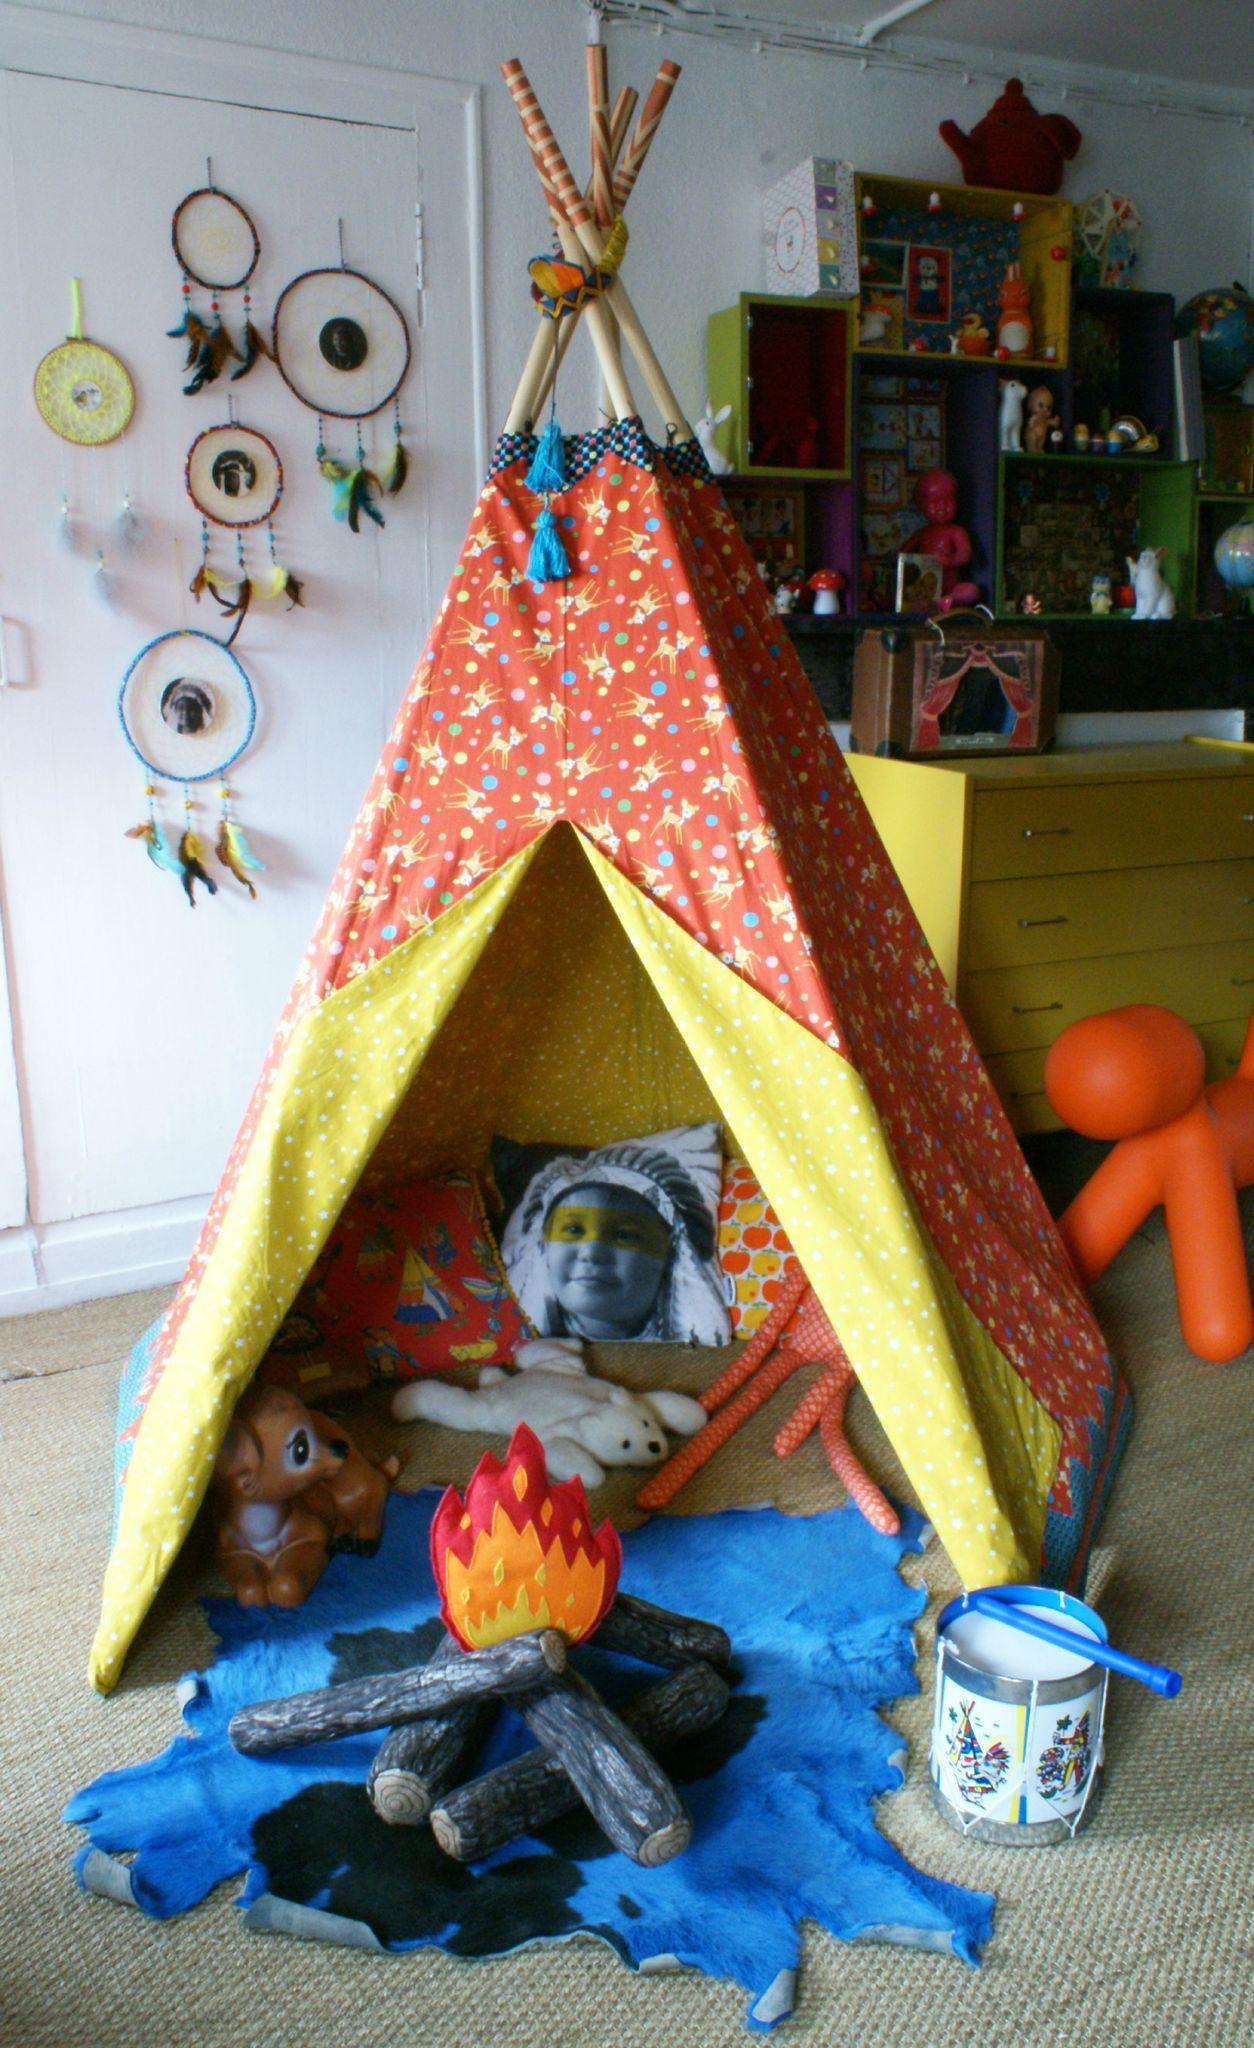 chef indien 4 les cadeaux bliss cocotte. Black Bedroom Furniture Sets. Home Design Ideas